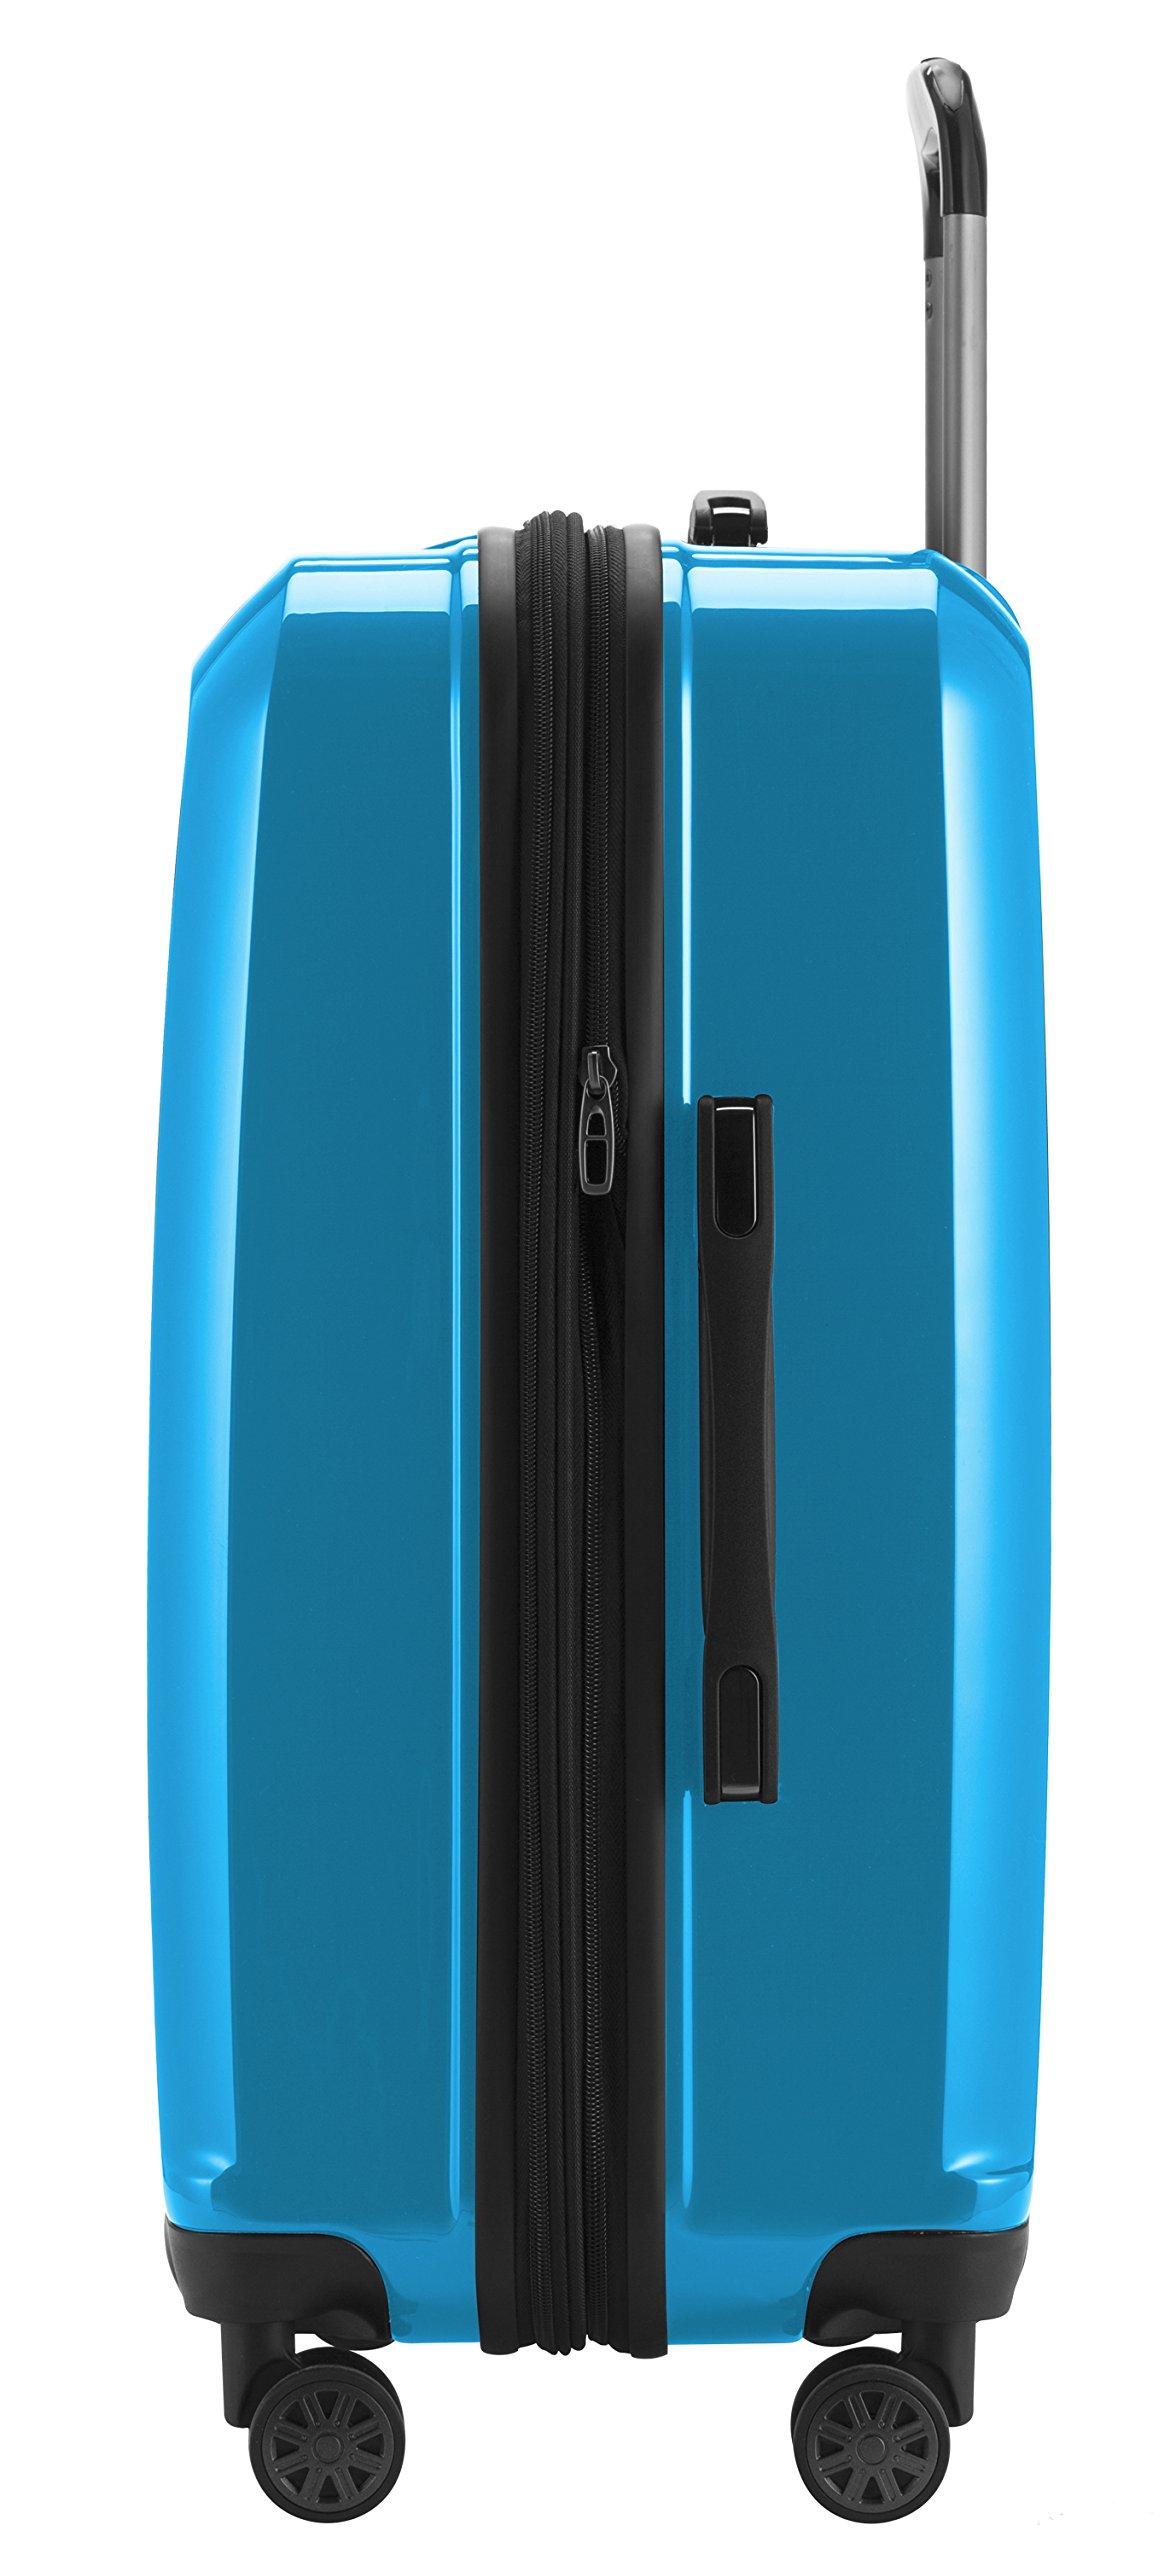 CAPITAL DE CASO – X Mountain – equipaje de mano del equipaje de mano Maleta Spinner Hardside Trolley de 4 ruedas a bordo, TSA, 65 cm, 90 litros, Cyanblue brillante